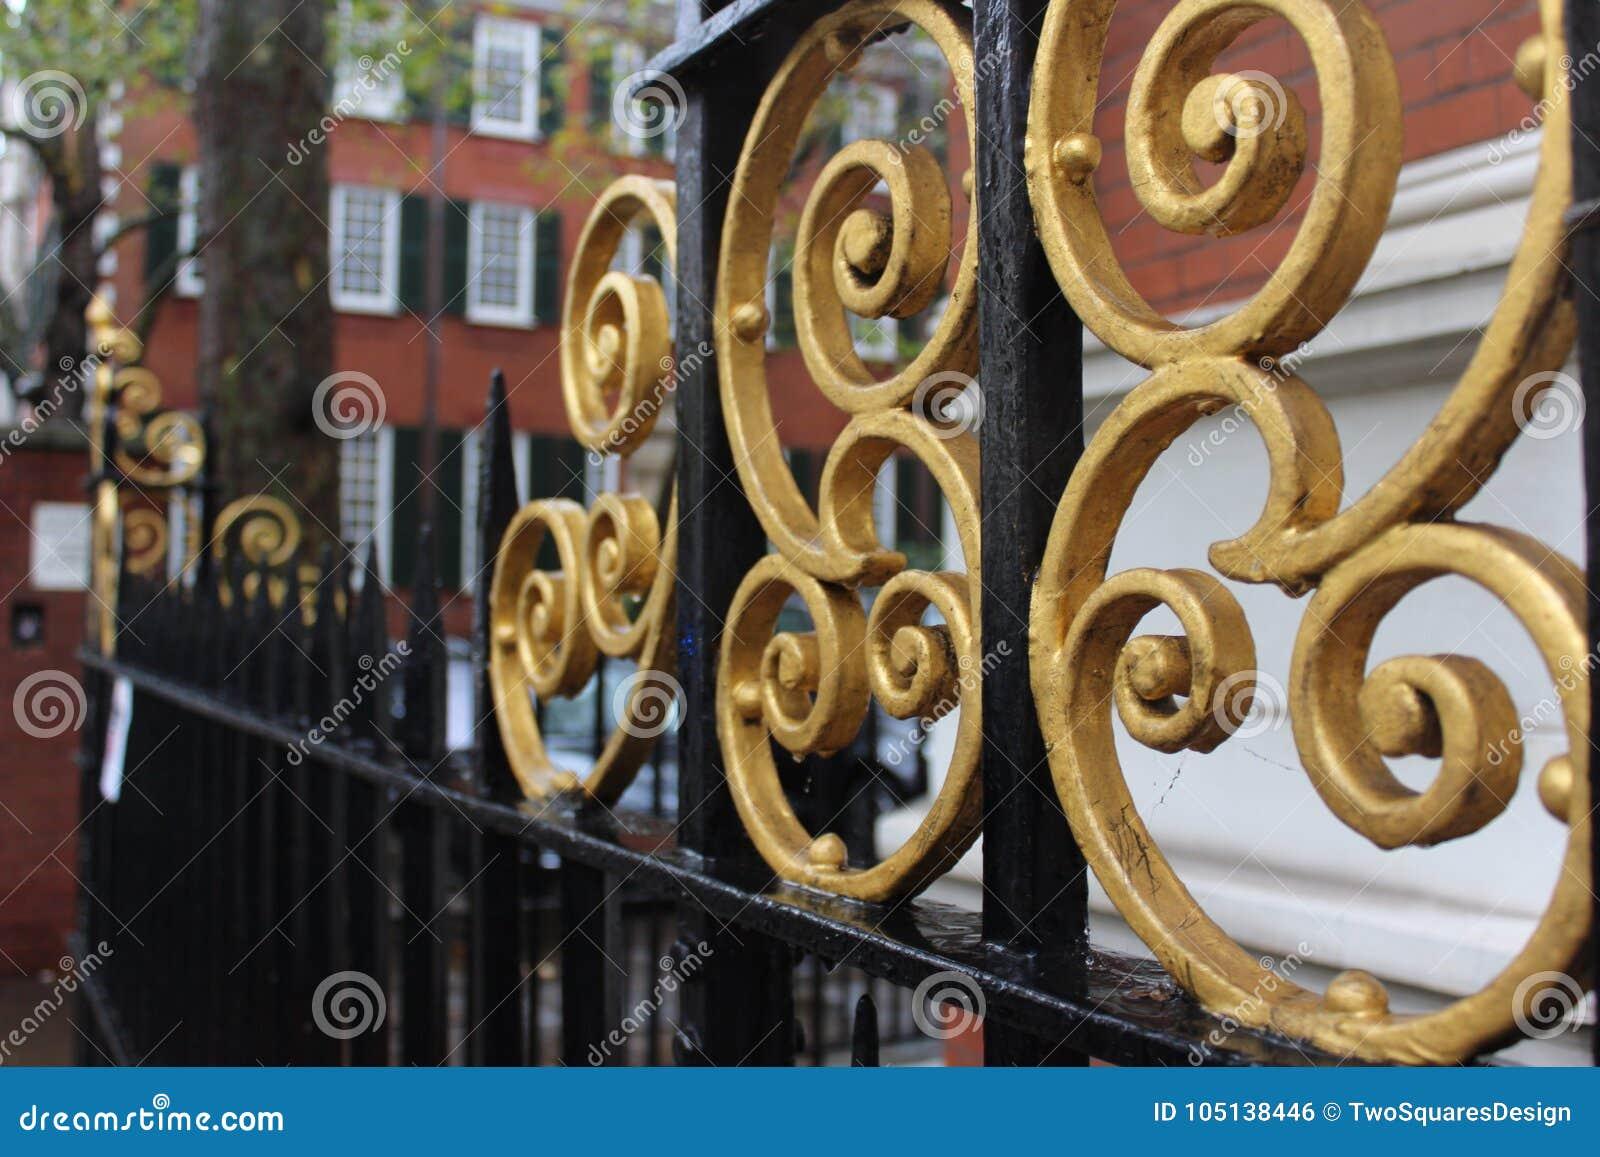 Barrière d héritage dans l or et la couleur noire